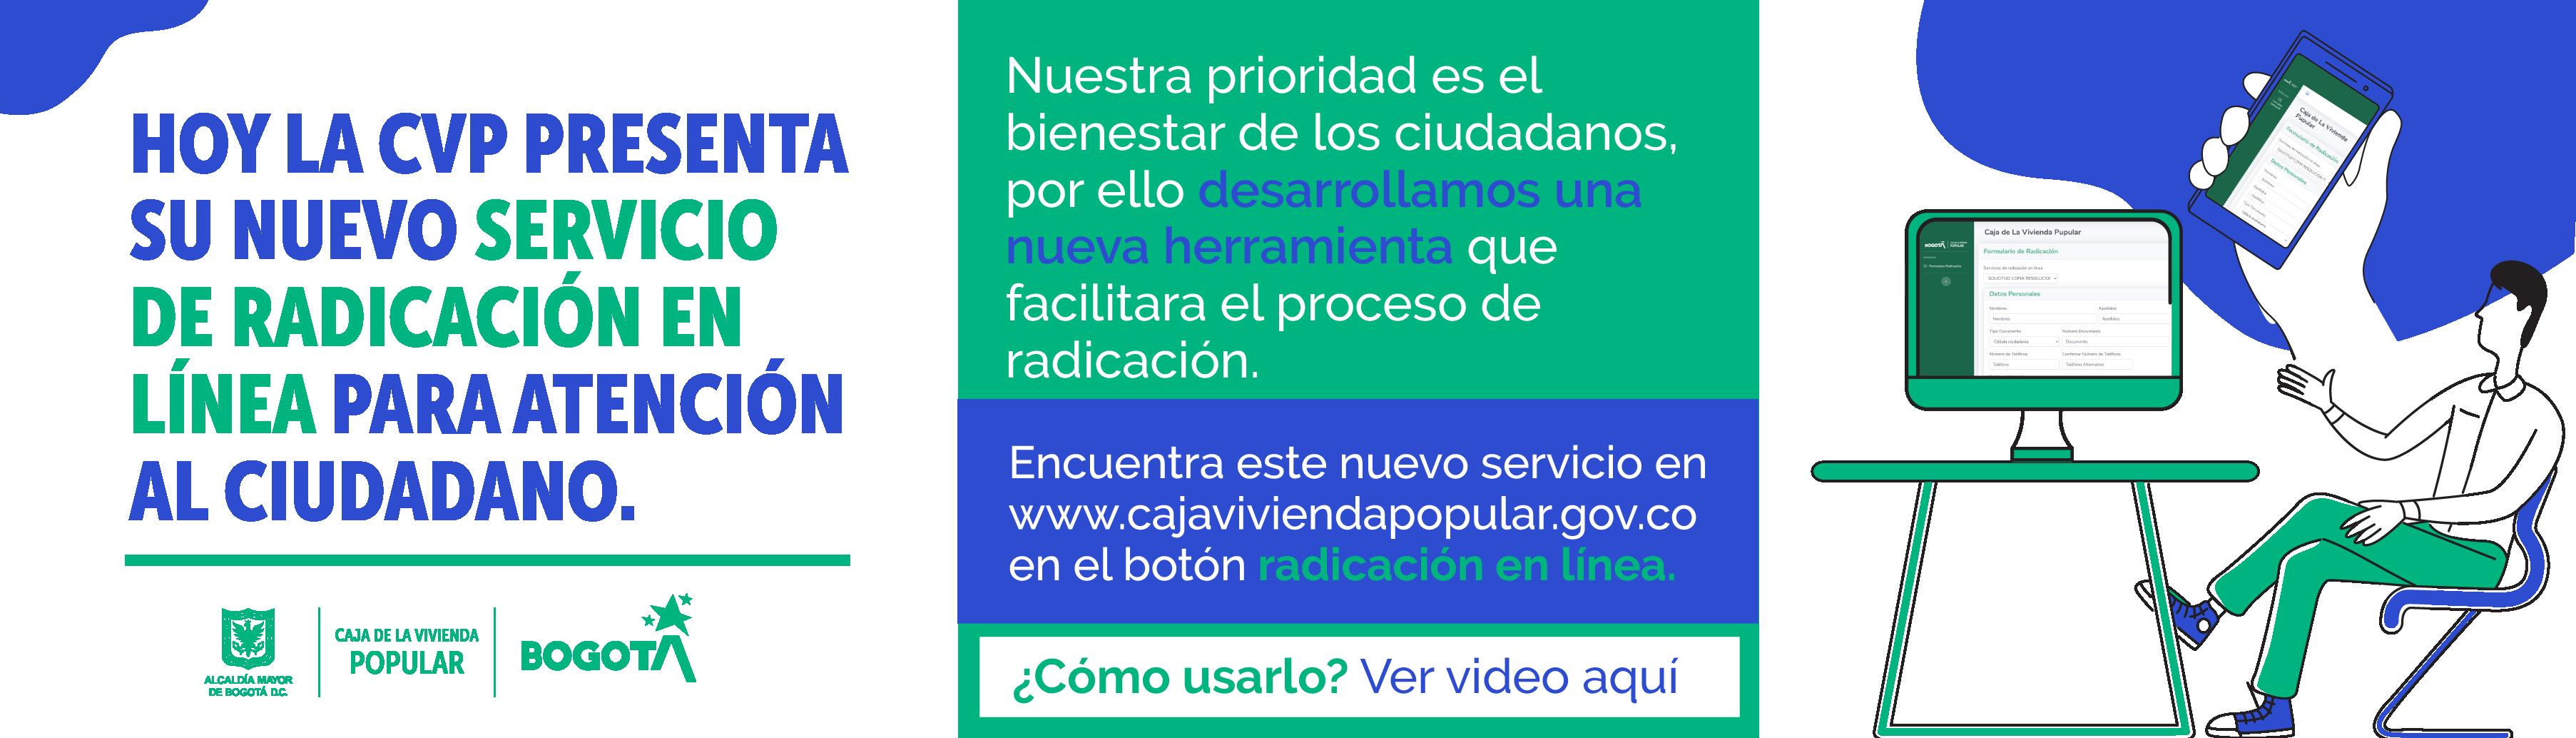 La CVP presenta su servicio de radicación en línea para atención al ciudadano actualizado